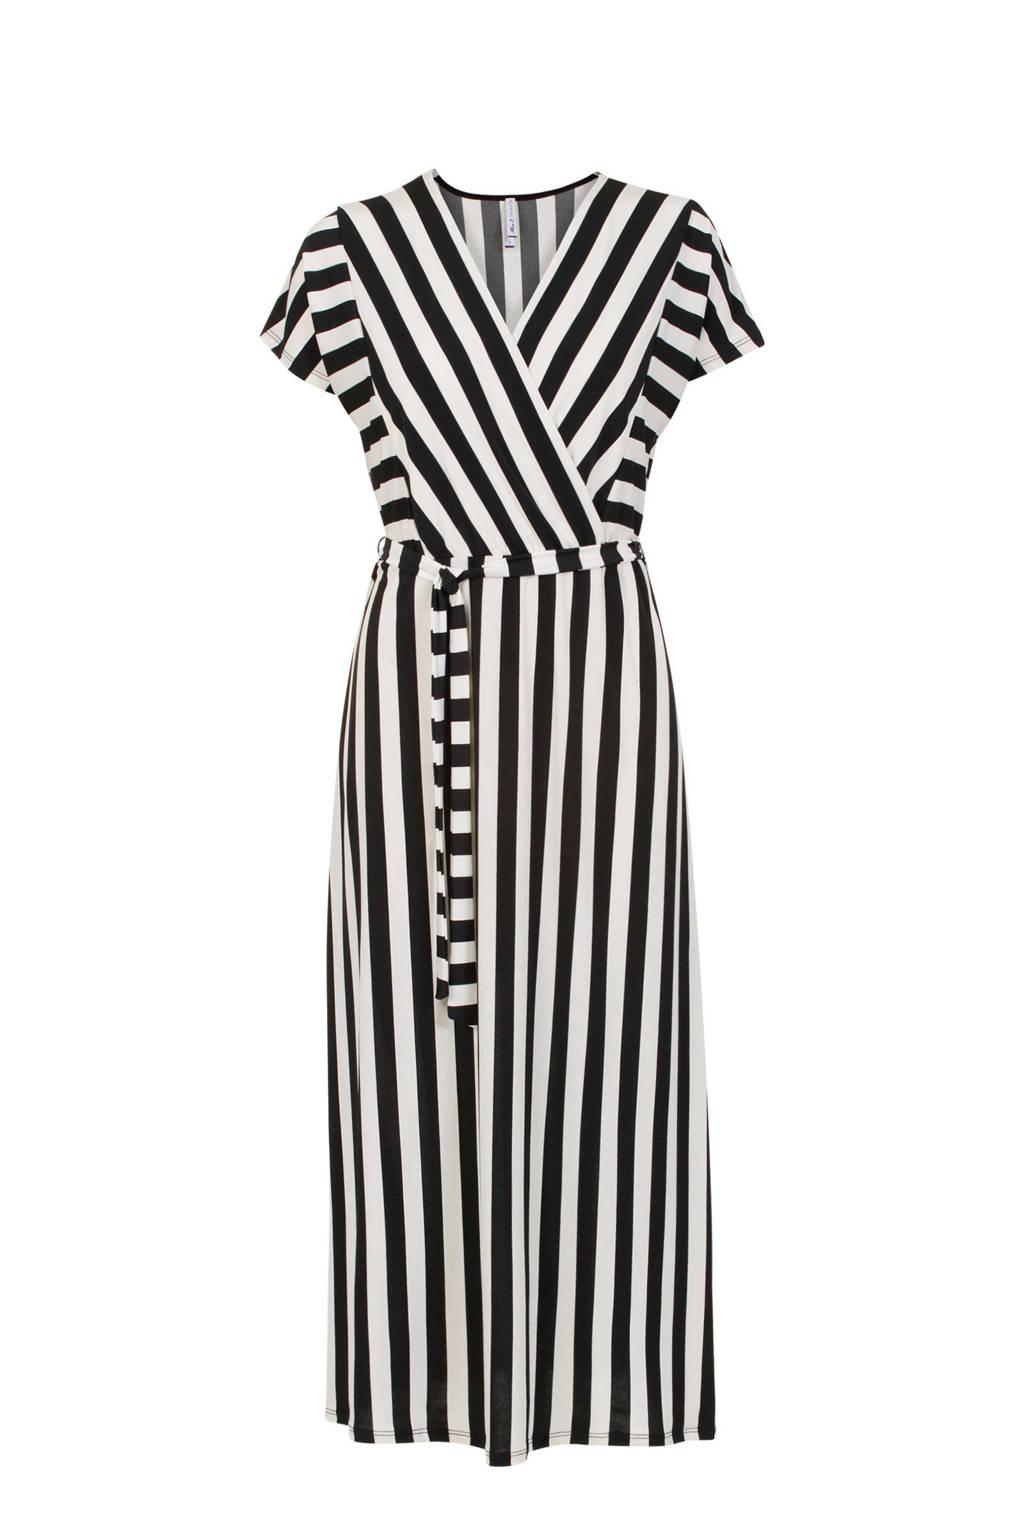 Miss Etam Regulier gestreepte jurk met overslag zwart/wit, Zwart/wit